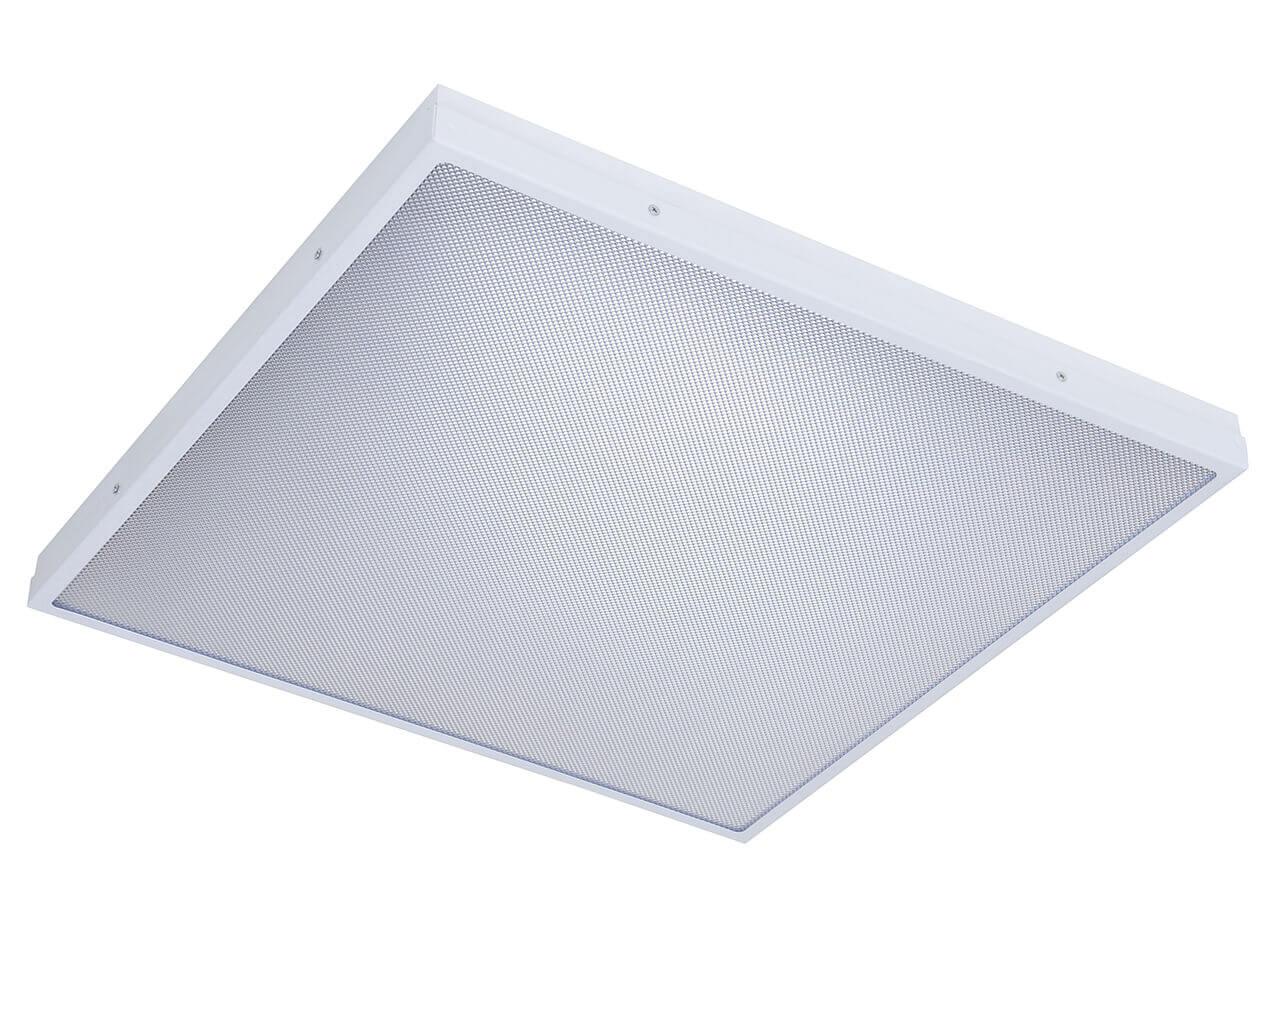 Универсальный светильник LC-SIP-60- 595*595 IP65 Теплый белый Призма